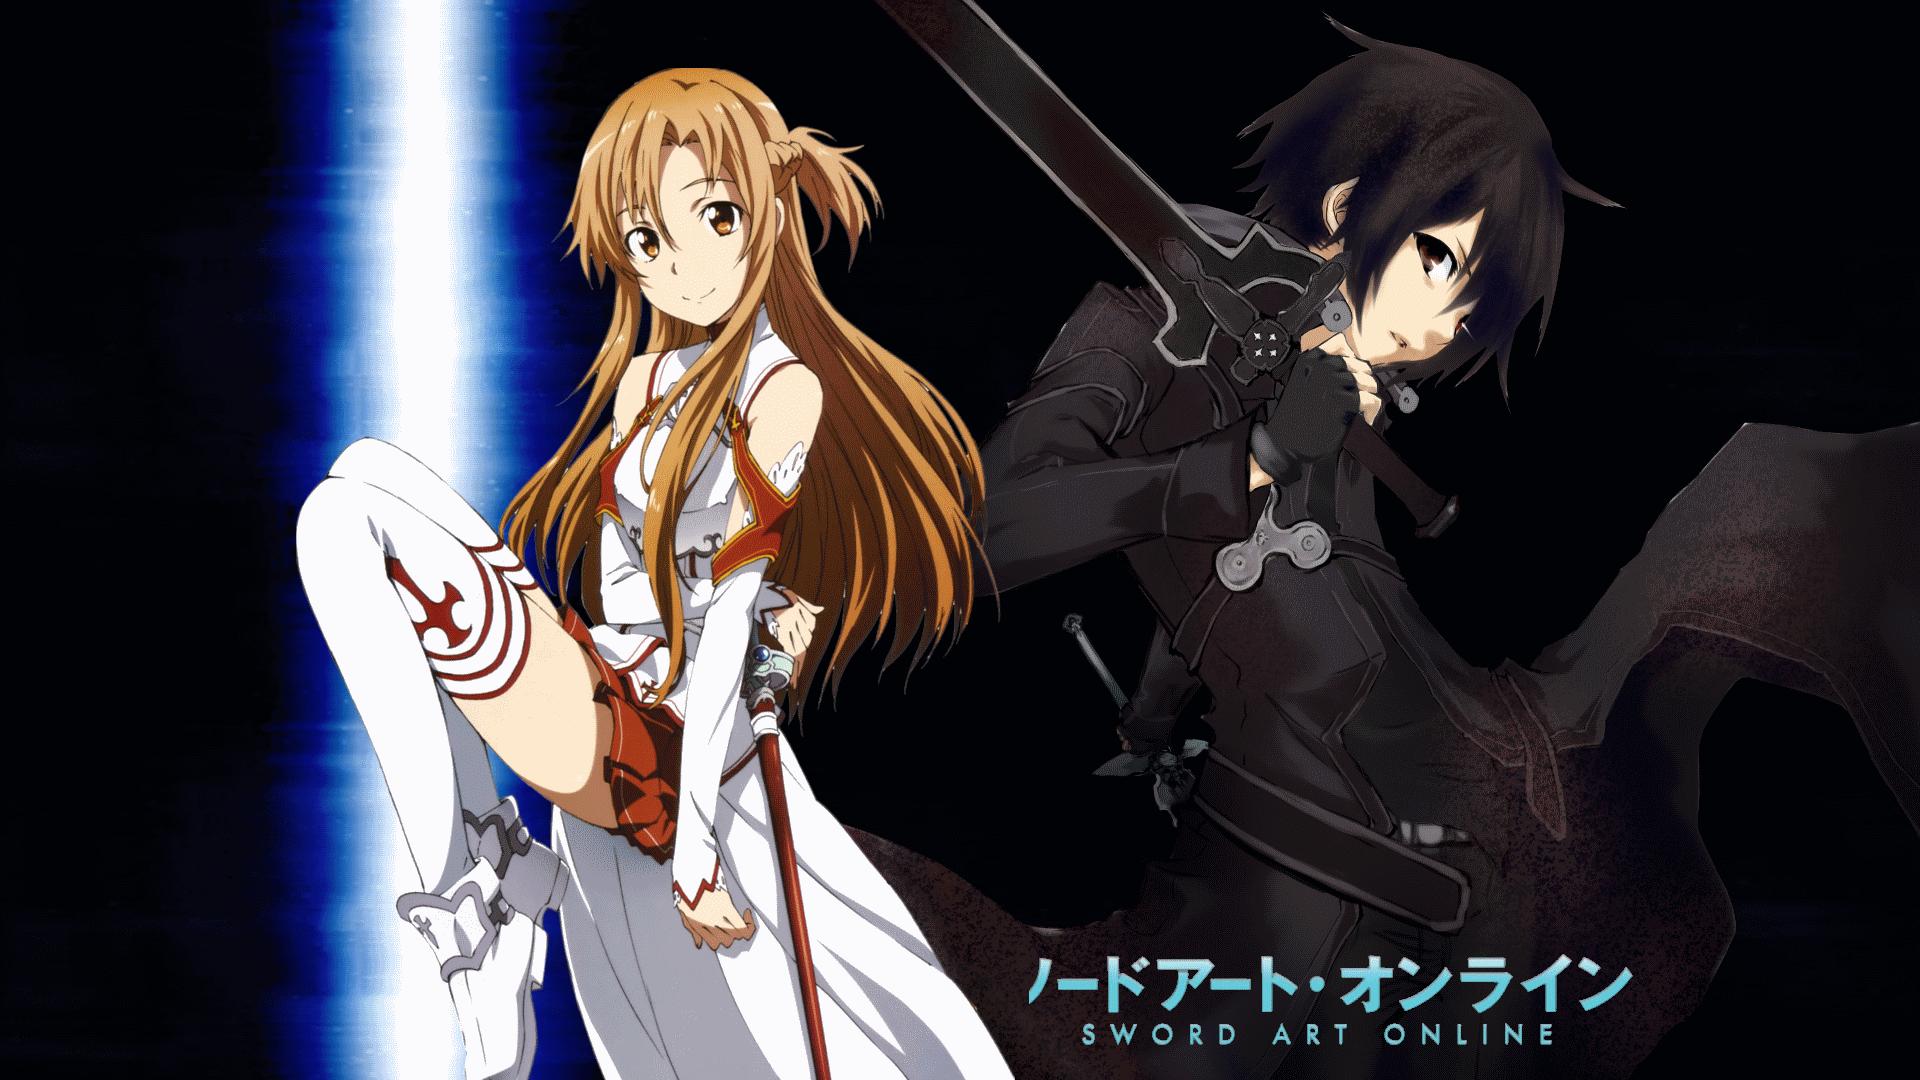 Sword Art Online SAO 1920x1080